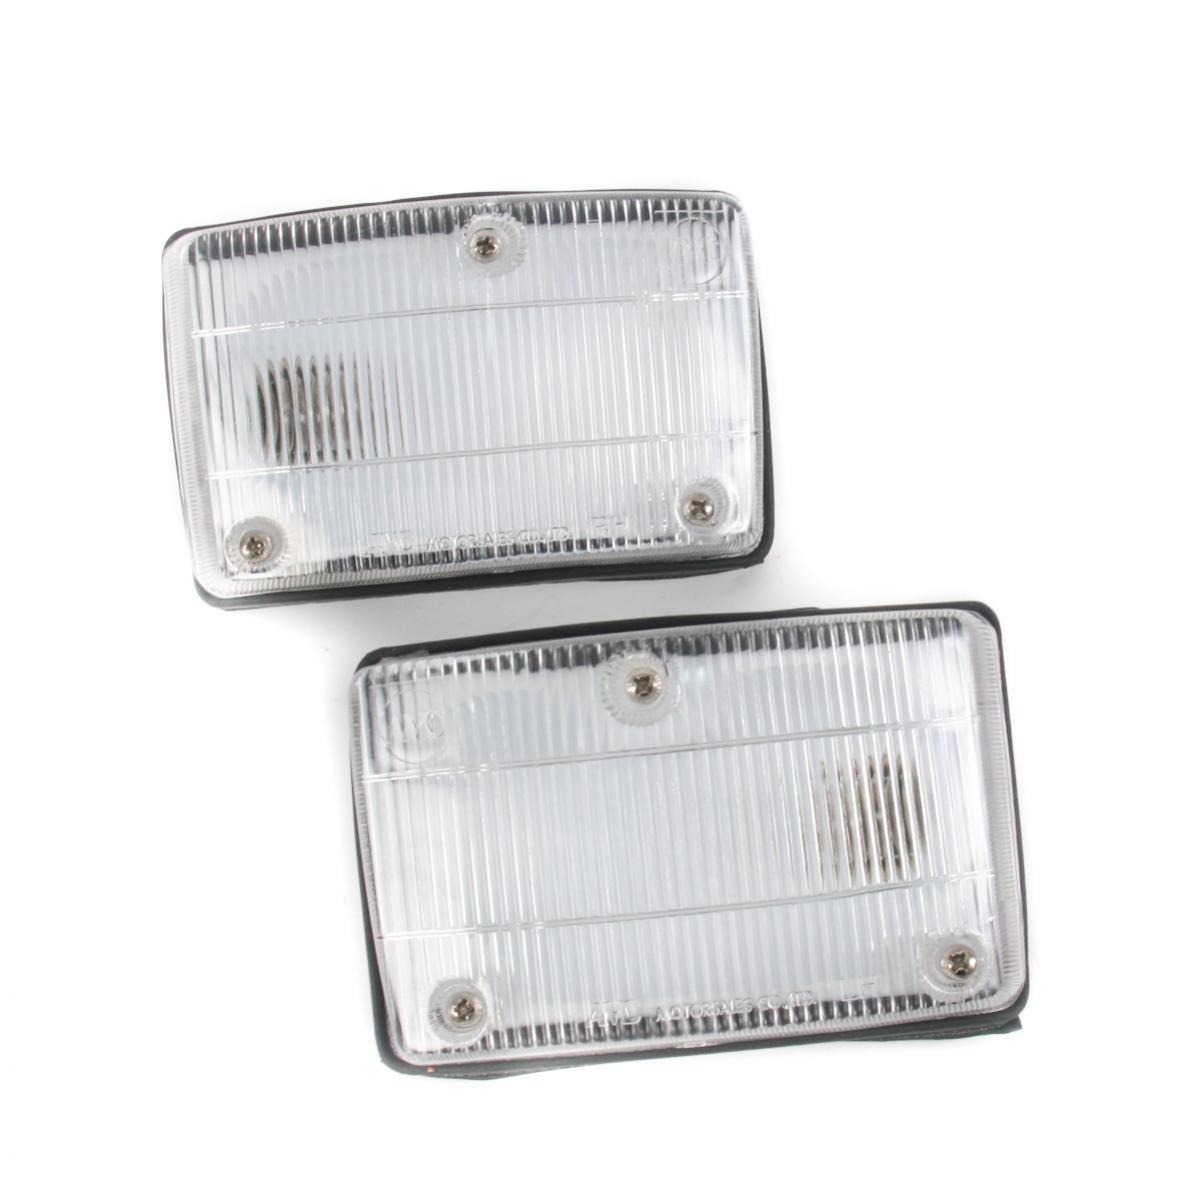 コーナーライト New Pair Front Corner Lights Signal Lamp Fits Hino SH FC144 MFG MBS 1985-1992 Hino SH FC144 MFG MBS 1985-1992に適合する新しいペアフロントコーナーライト信号ランプ